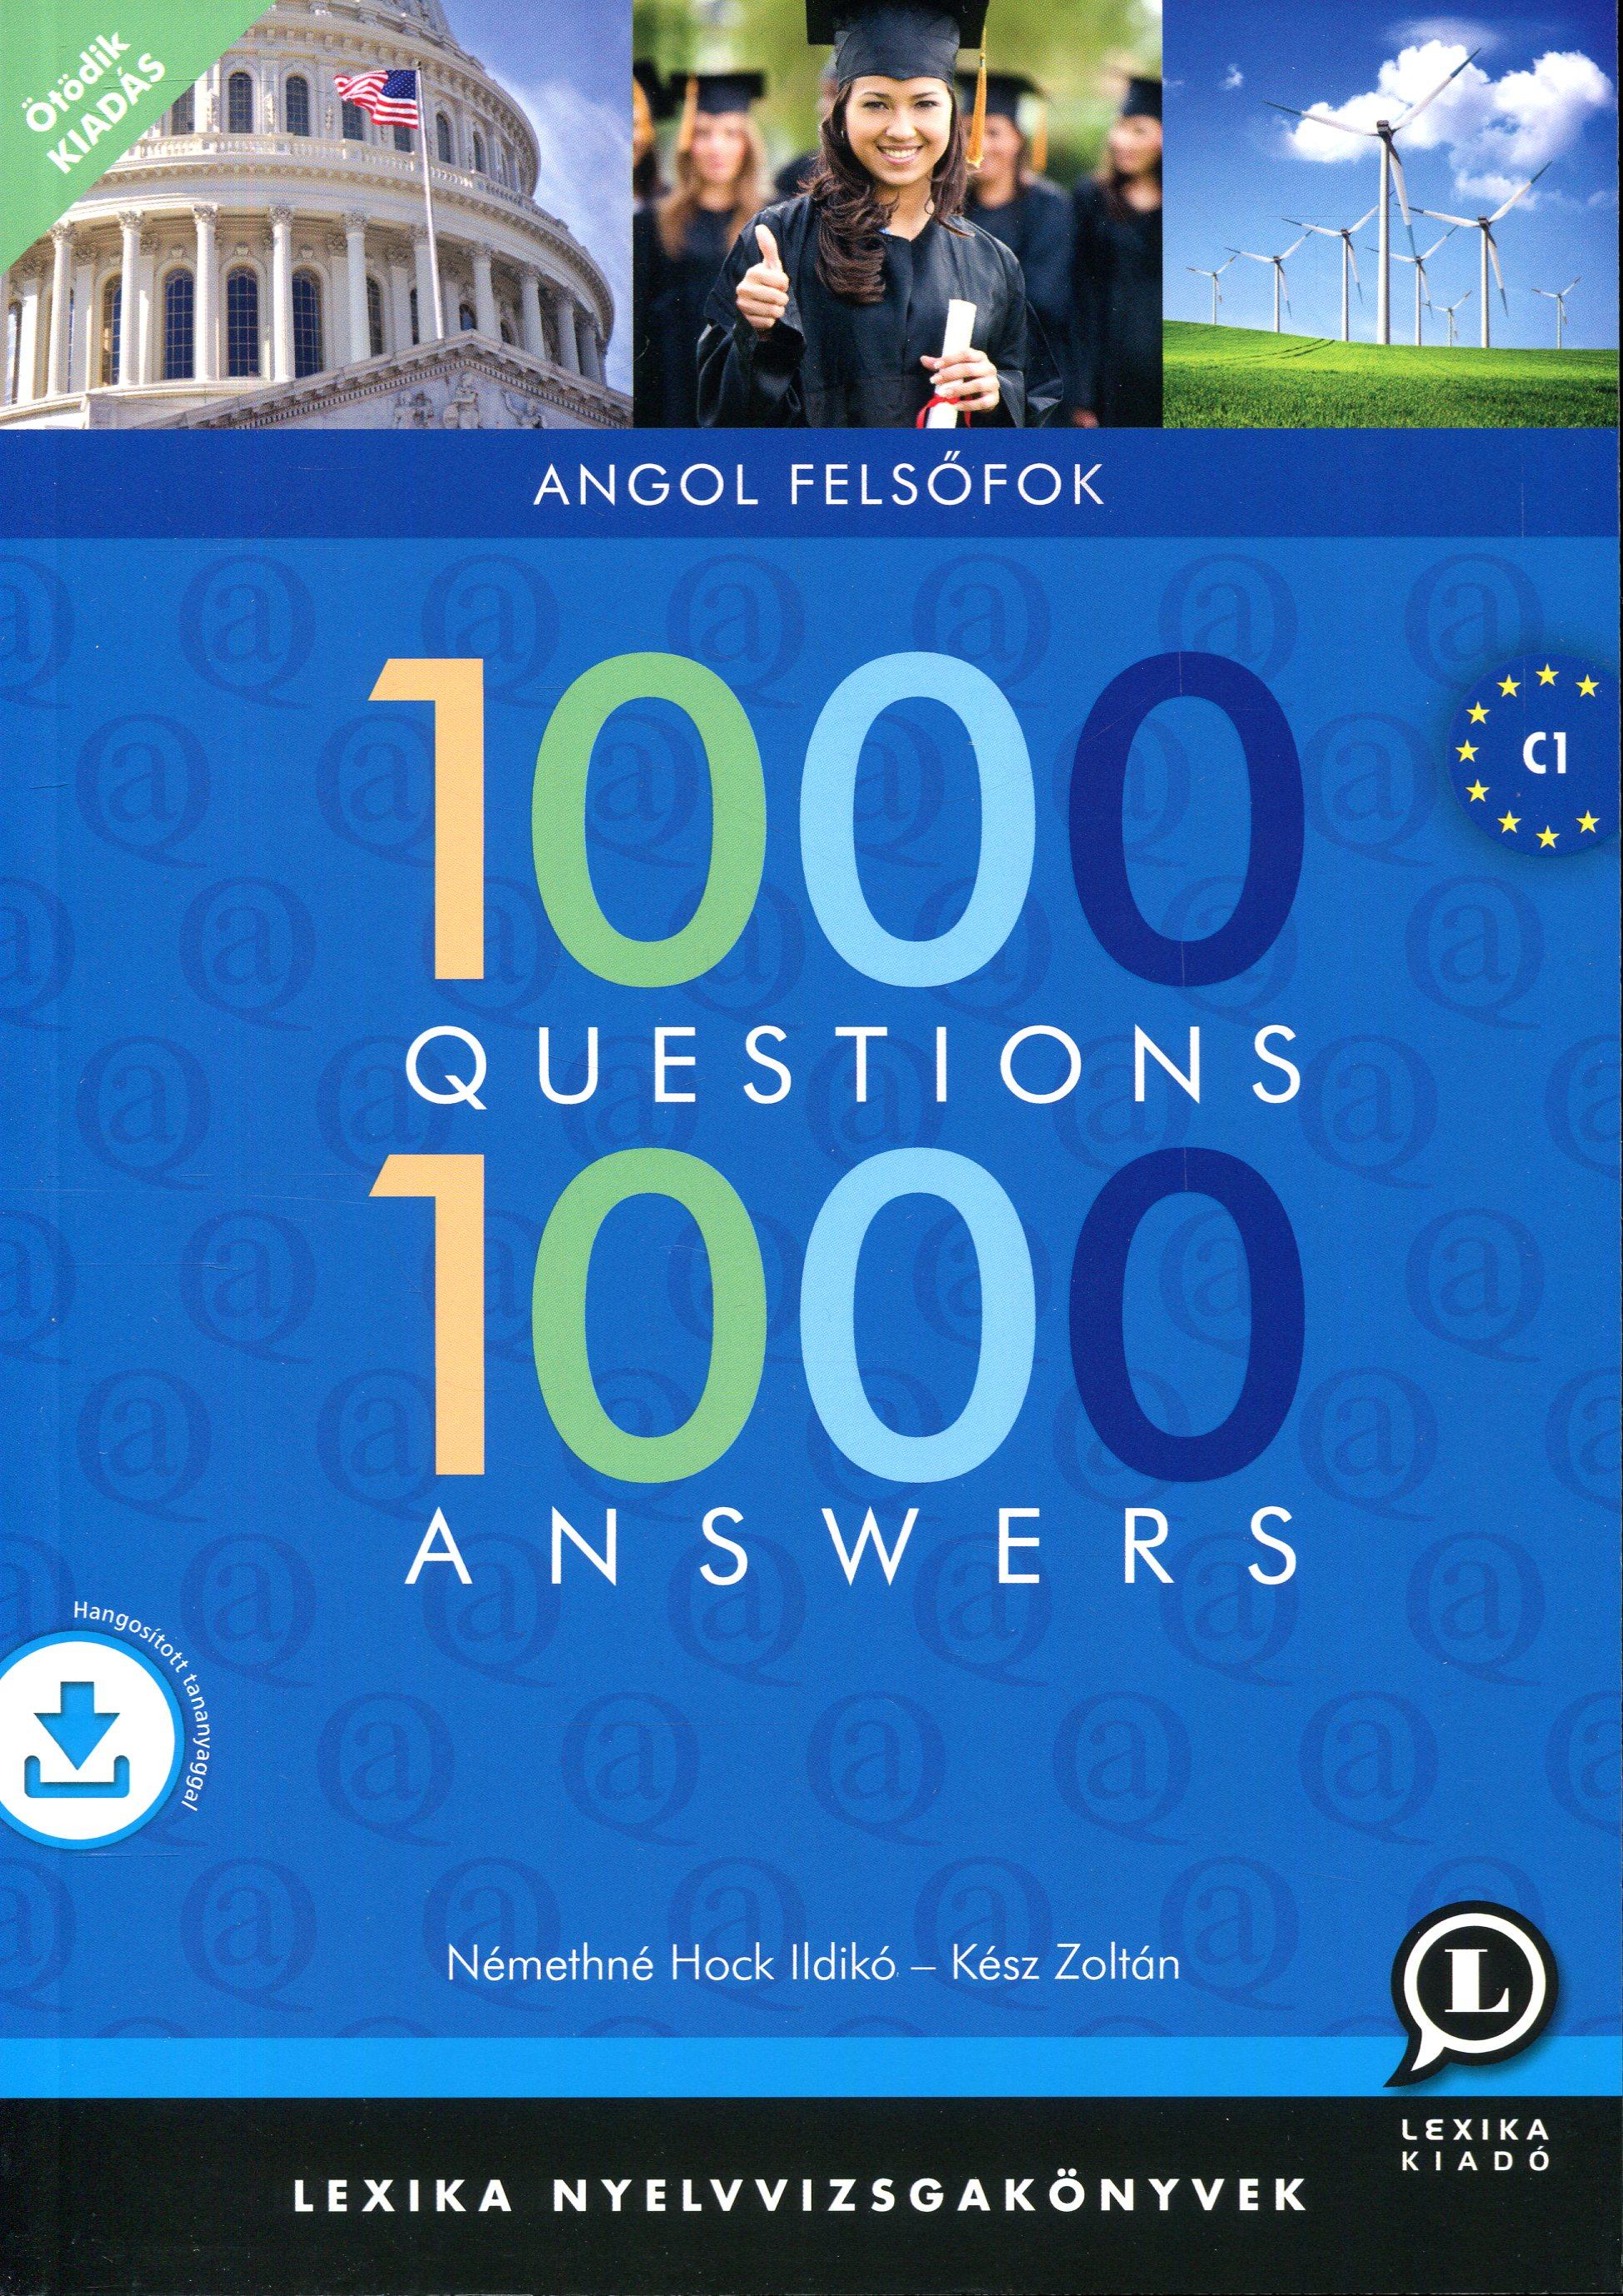 1000 Questions & Answers - 1000 kérdés és válasz angolul felsőfok + ingyenesen letölthető interaktív hanganyag - 5. kiadás